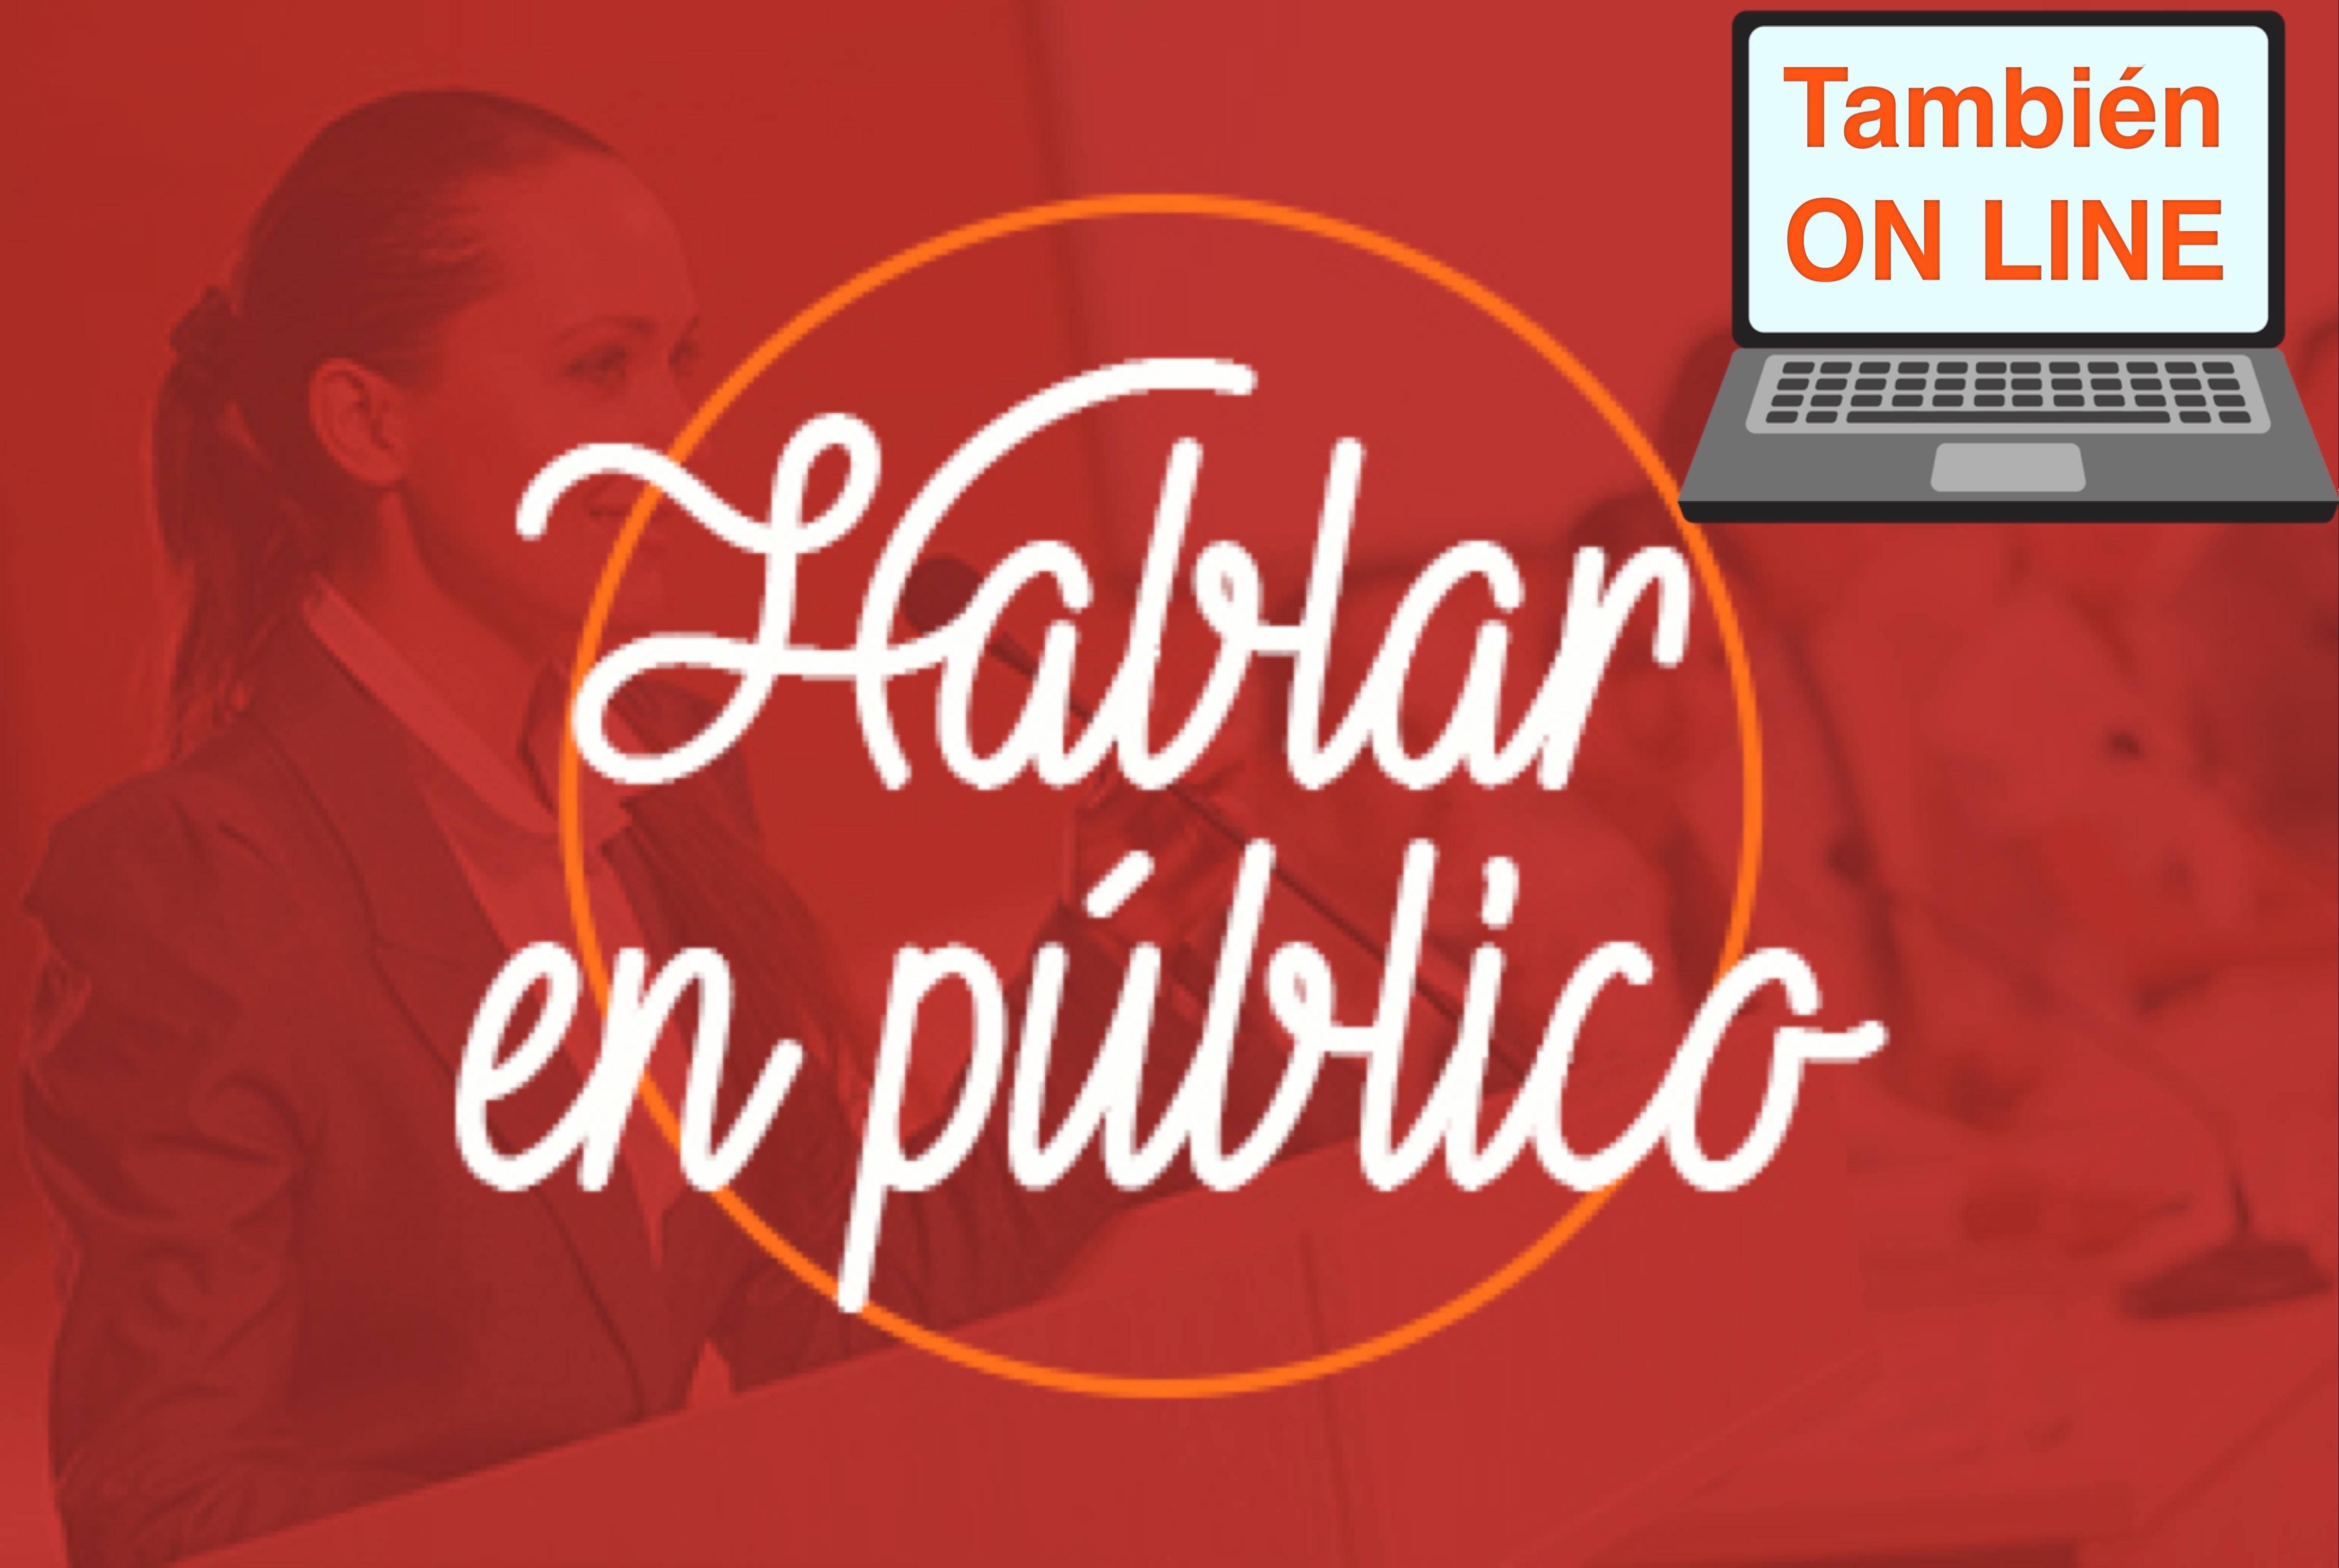 Curso Hablar en público en Barcelona presencial y ON LINE